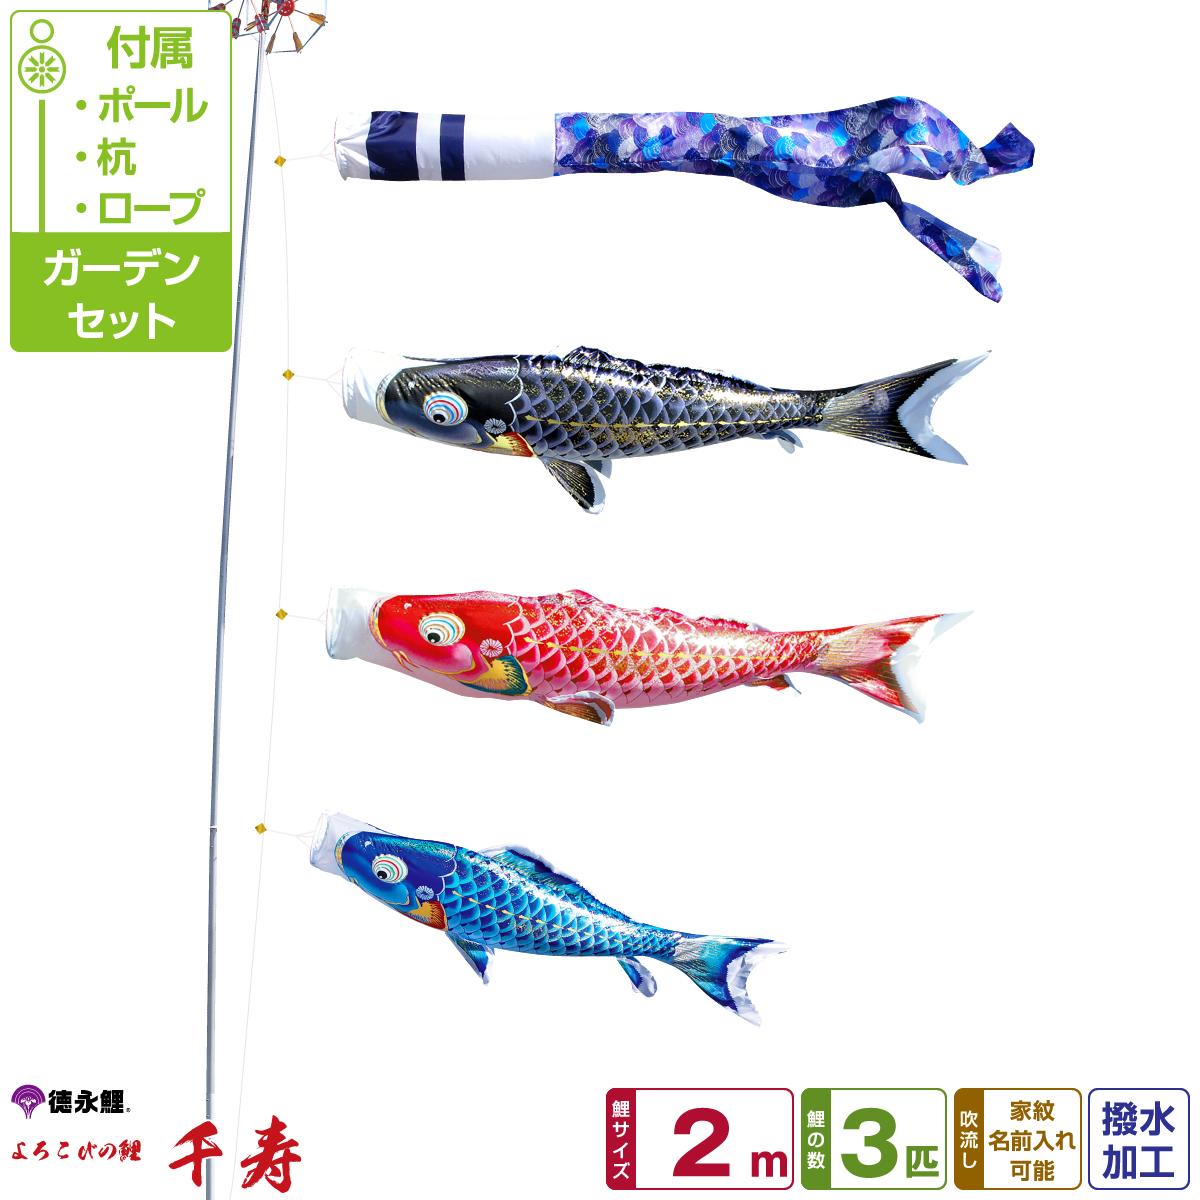 徳永鯉のぼり 千寿鯉 2m 6点セット ガーデンセット 2019年初節句 端午の節句 こどもの日 こいのぼり